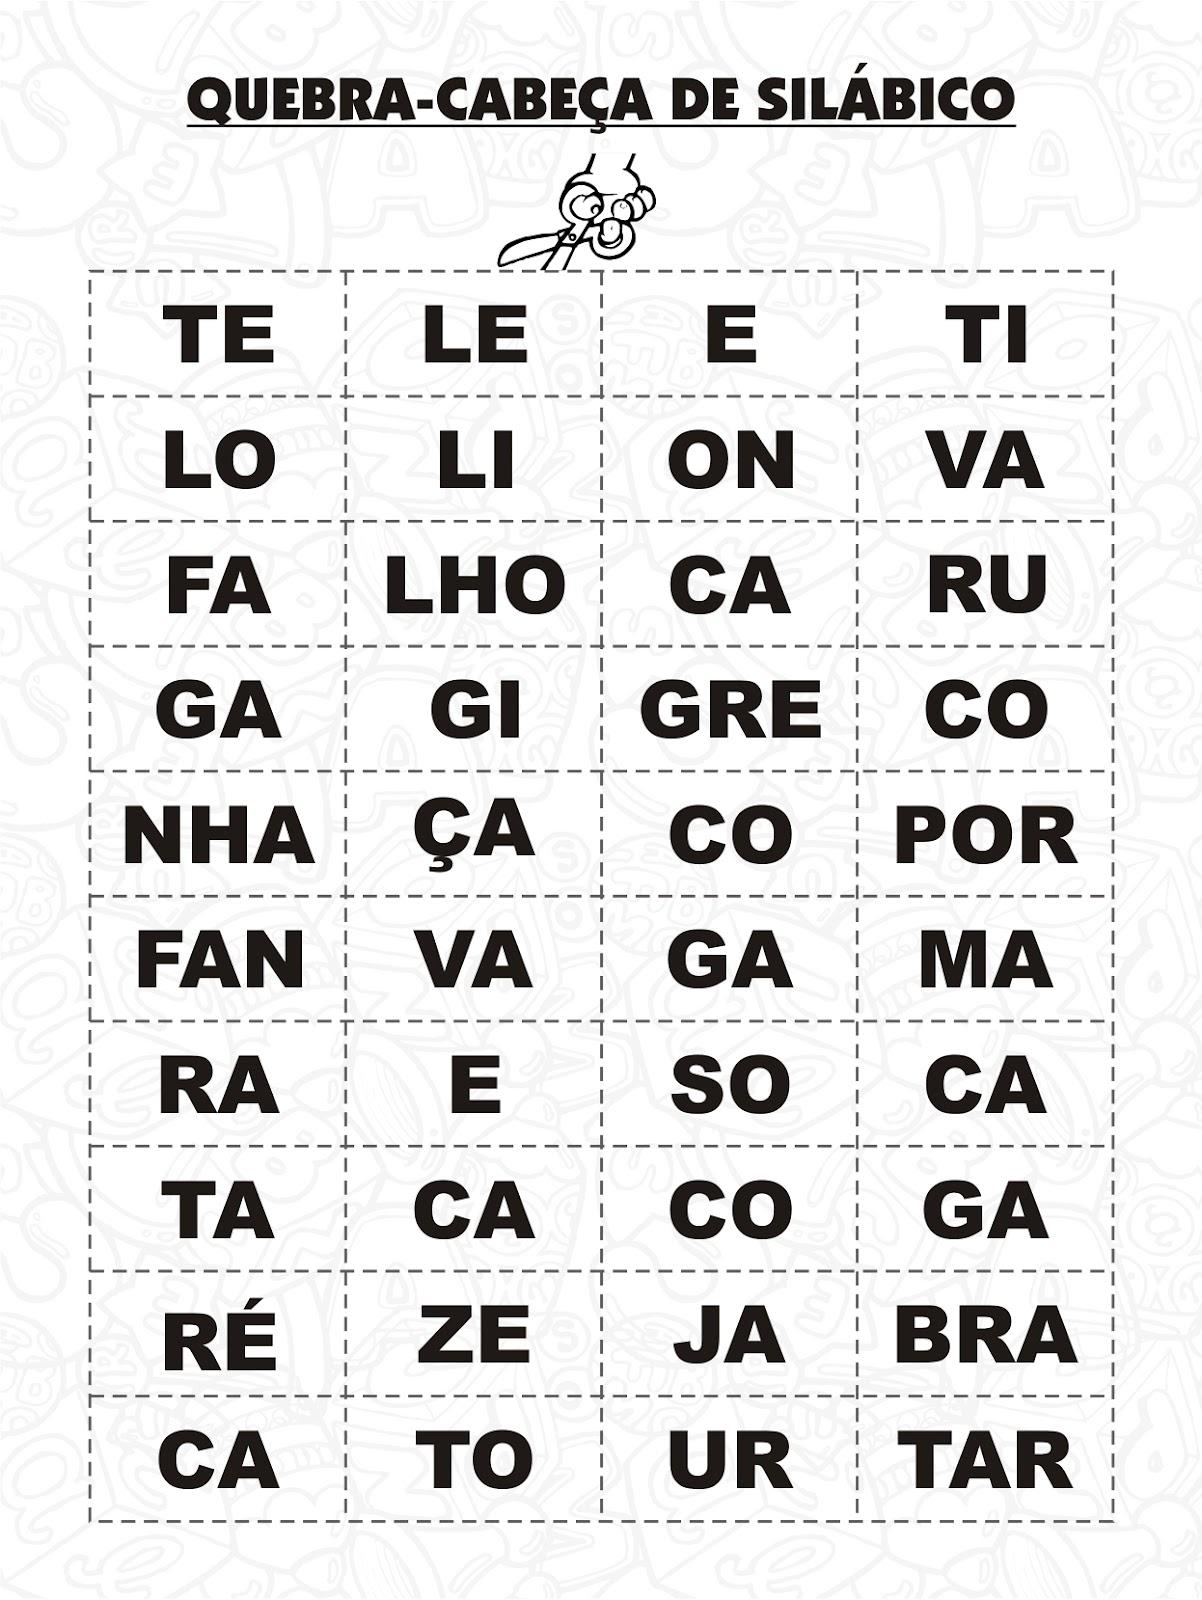 Amado Jogos - Quebra cabeça de silábico - Atividades de Alfabetização  LG03